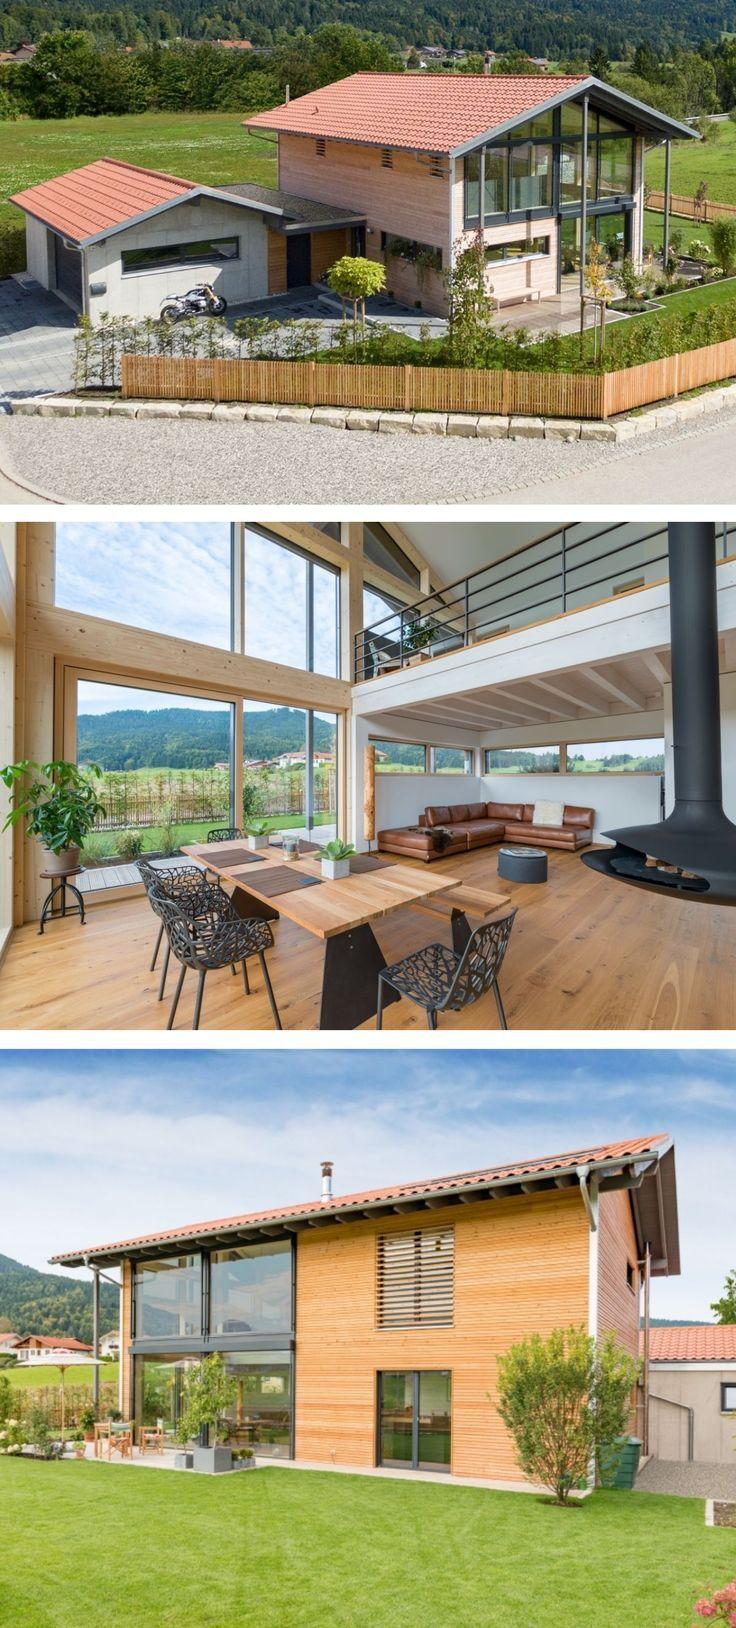 Einfamilienhaus Neubau modern mit Garage, Holzfassade